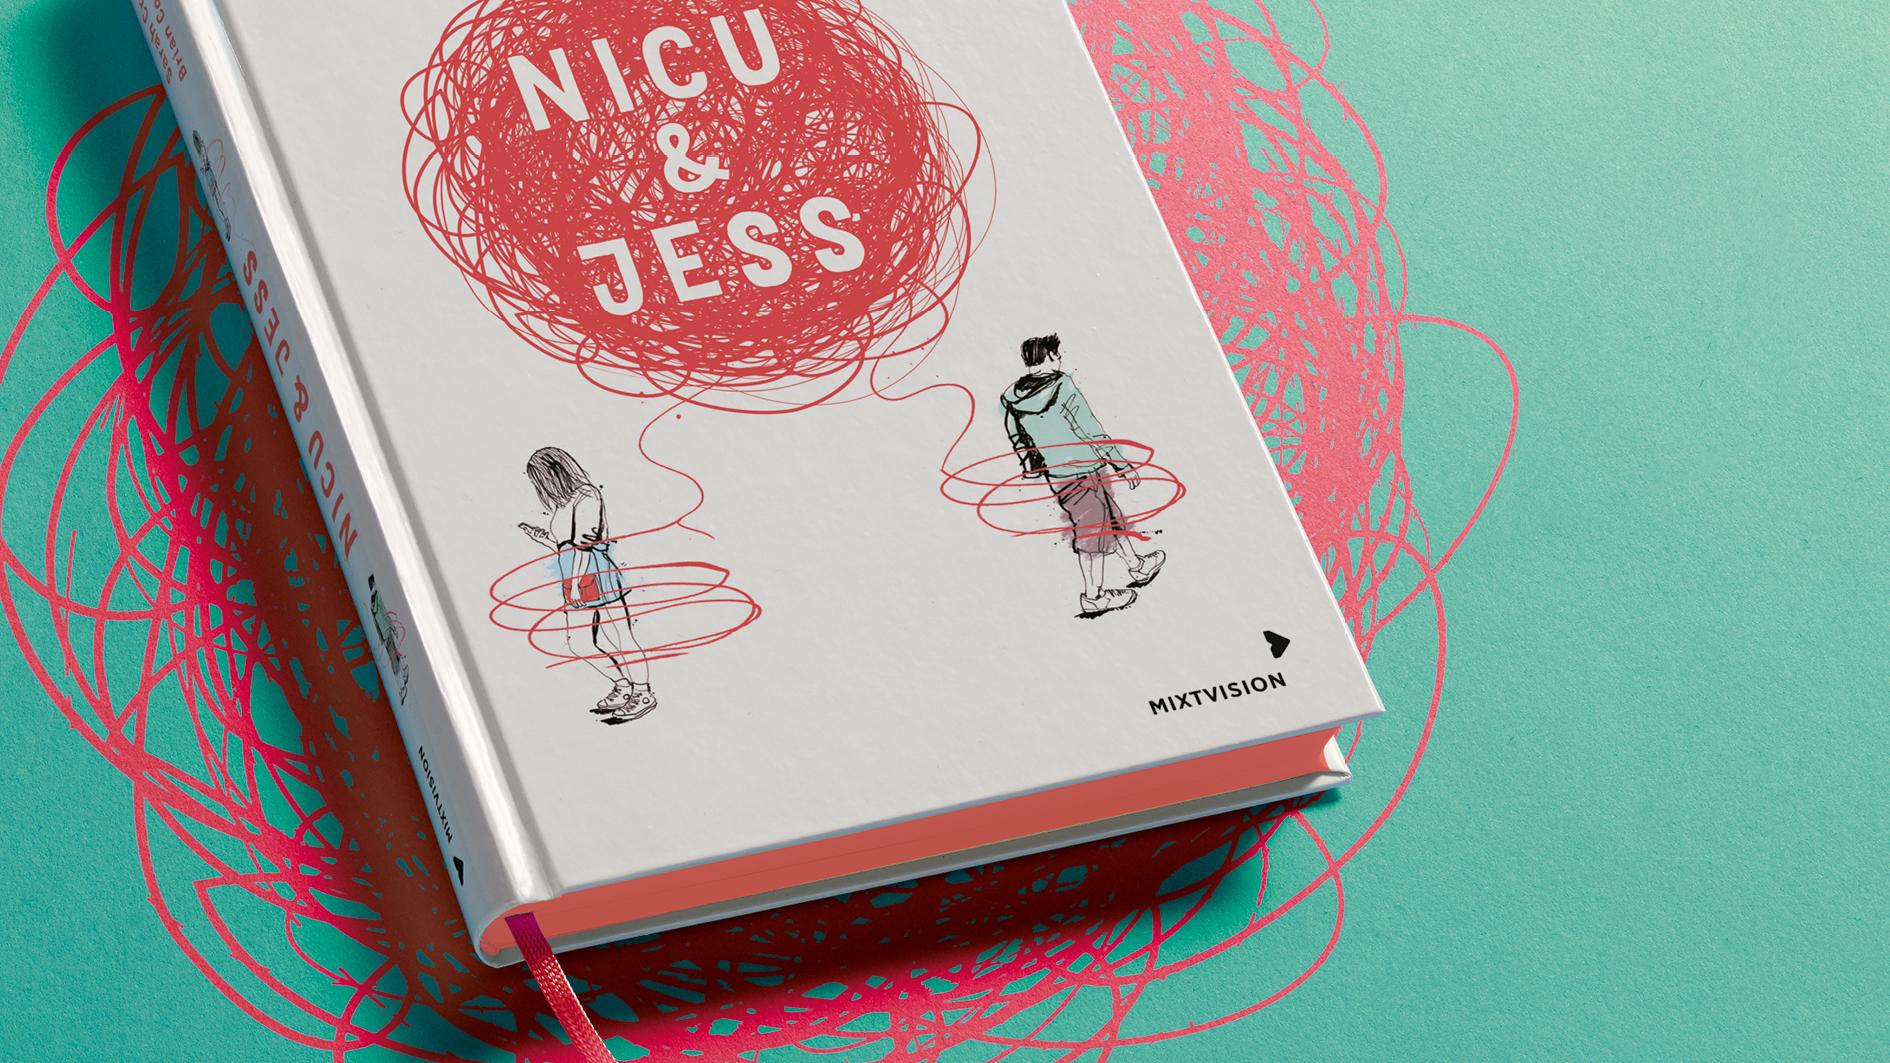 Nicu & Jess, Headerbild